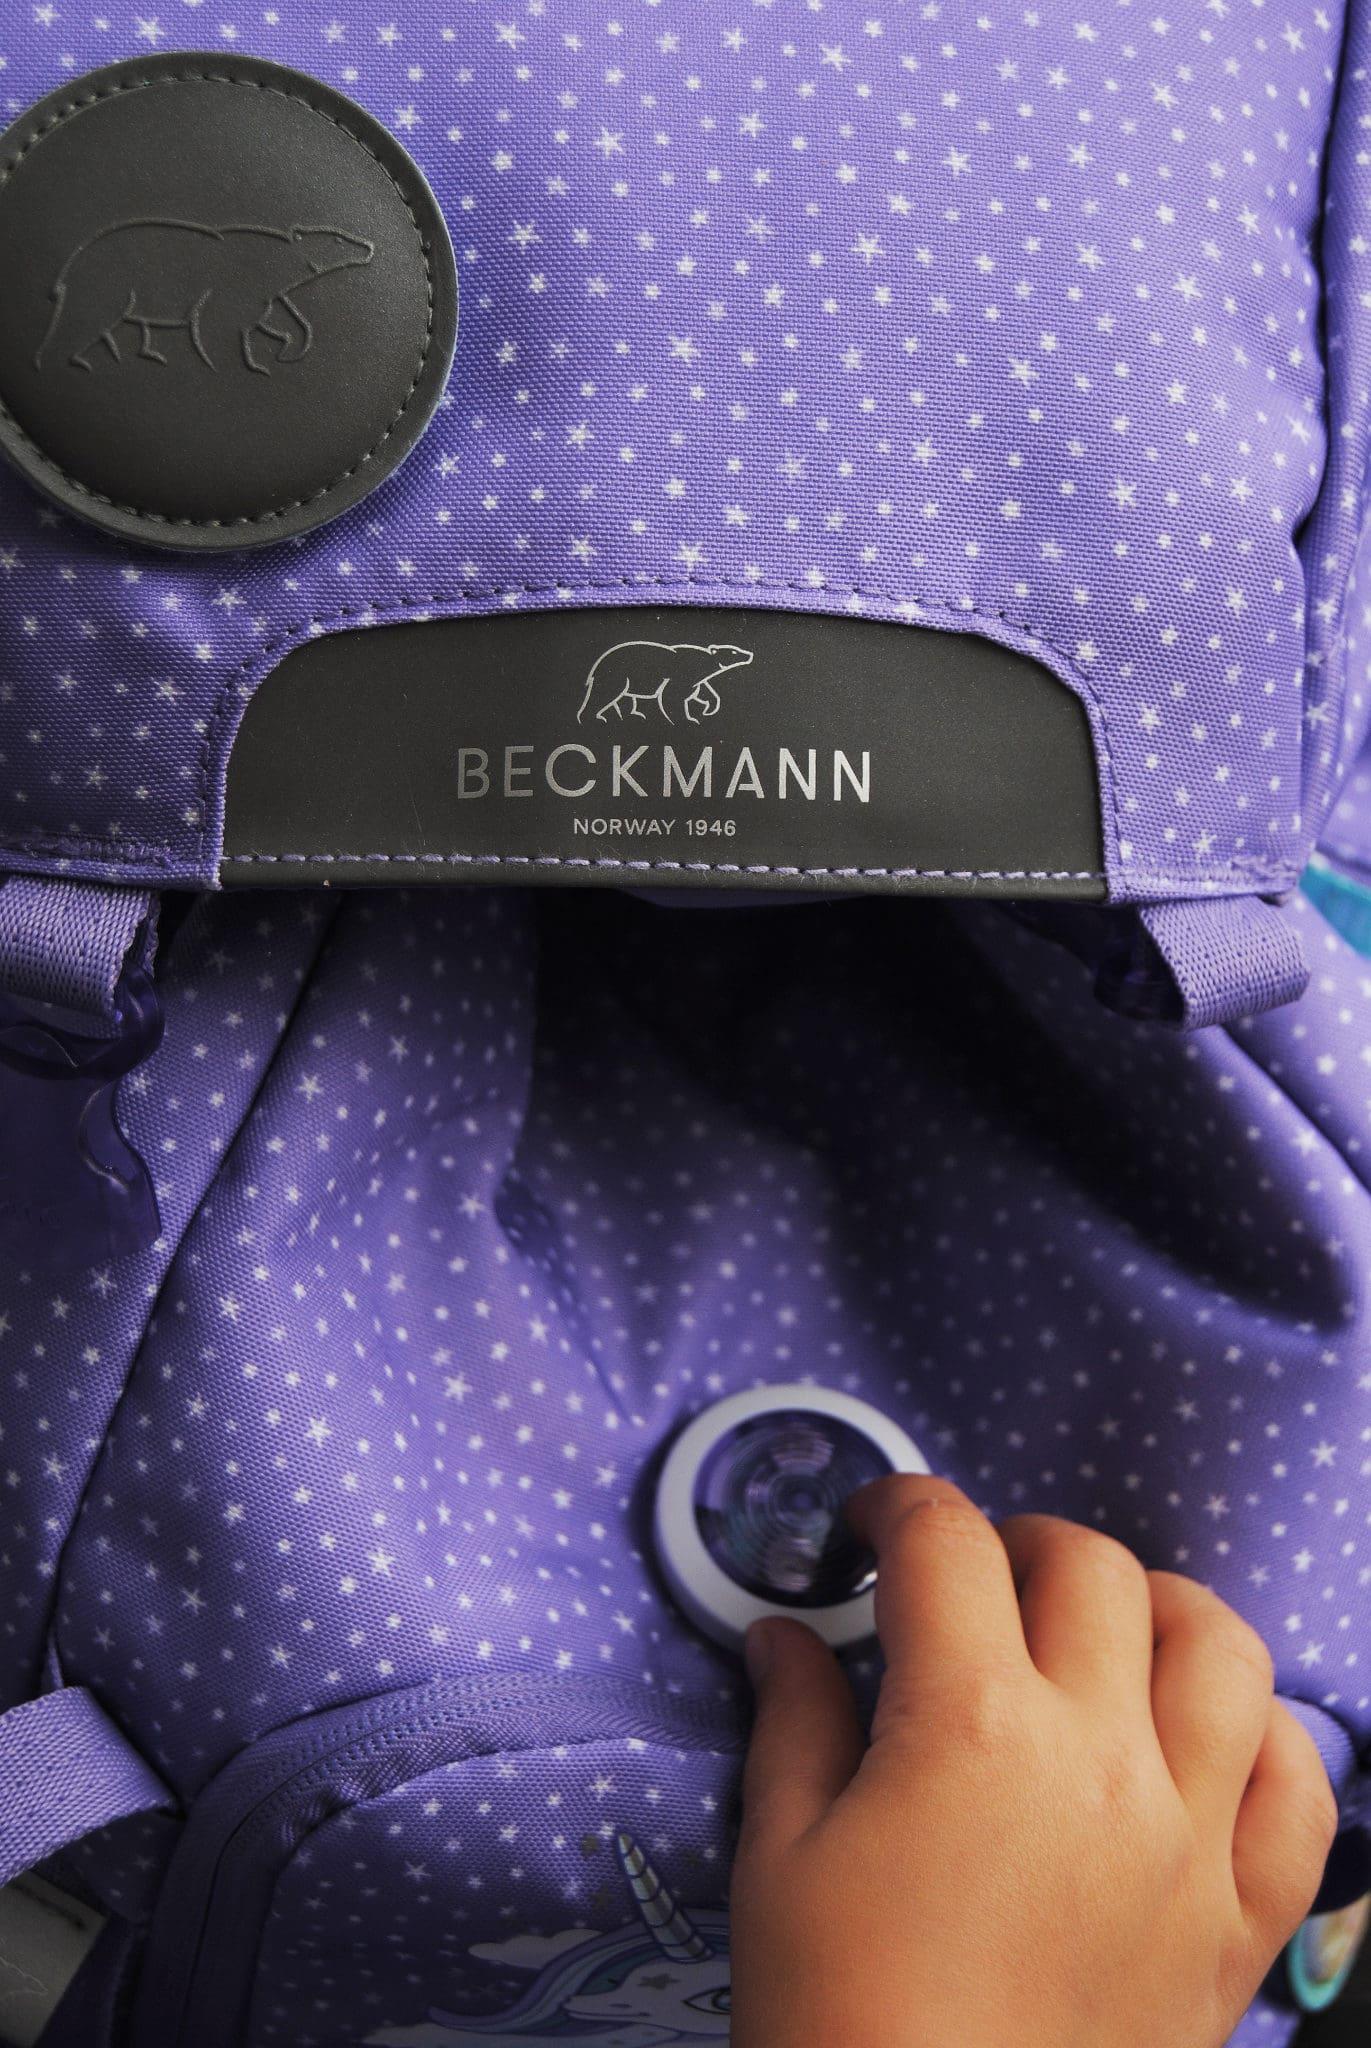 Beckmann Schulrucksack Blinklicht